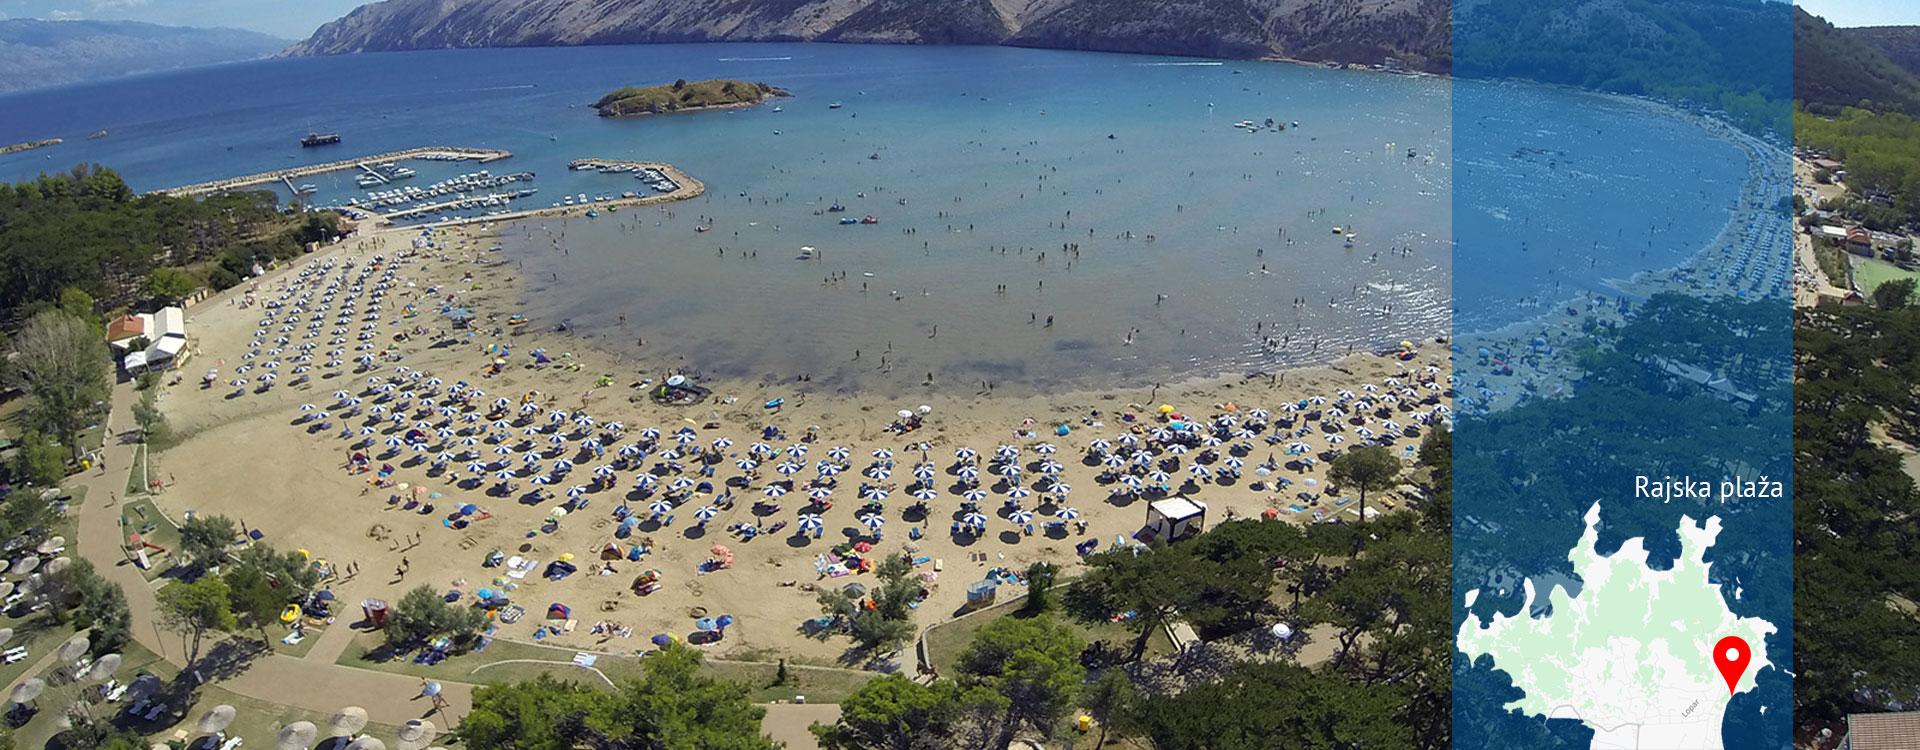 Općina Lopar - Rajska plaža